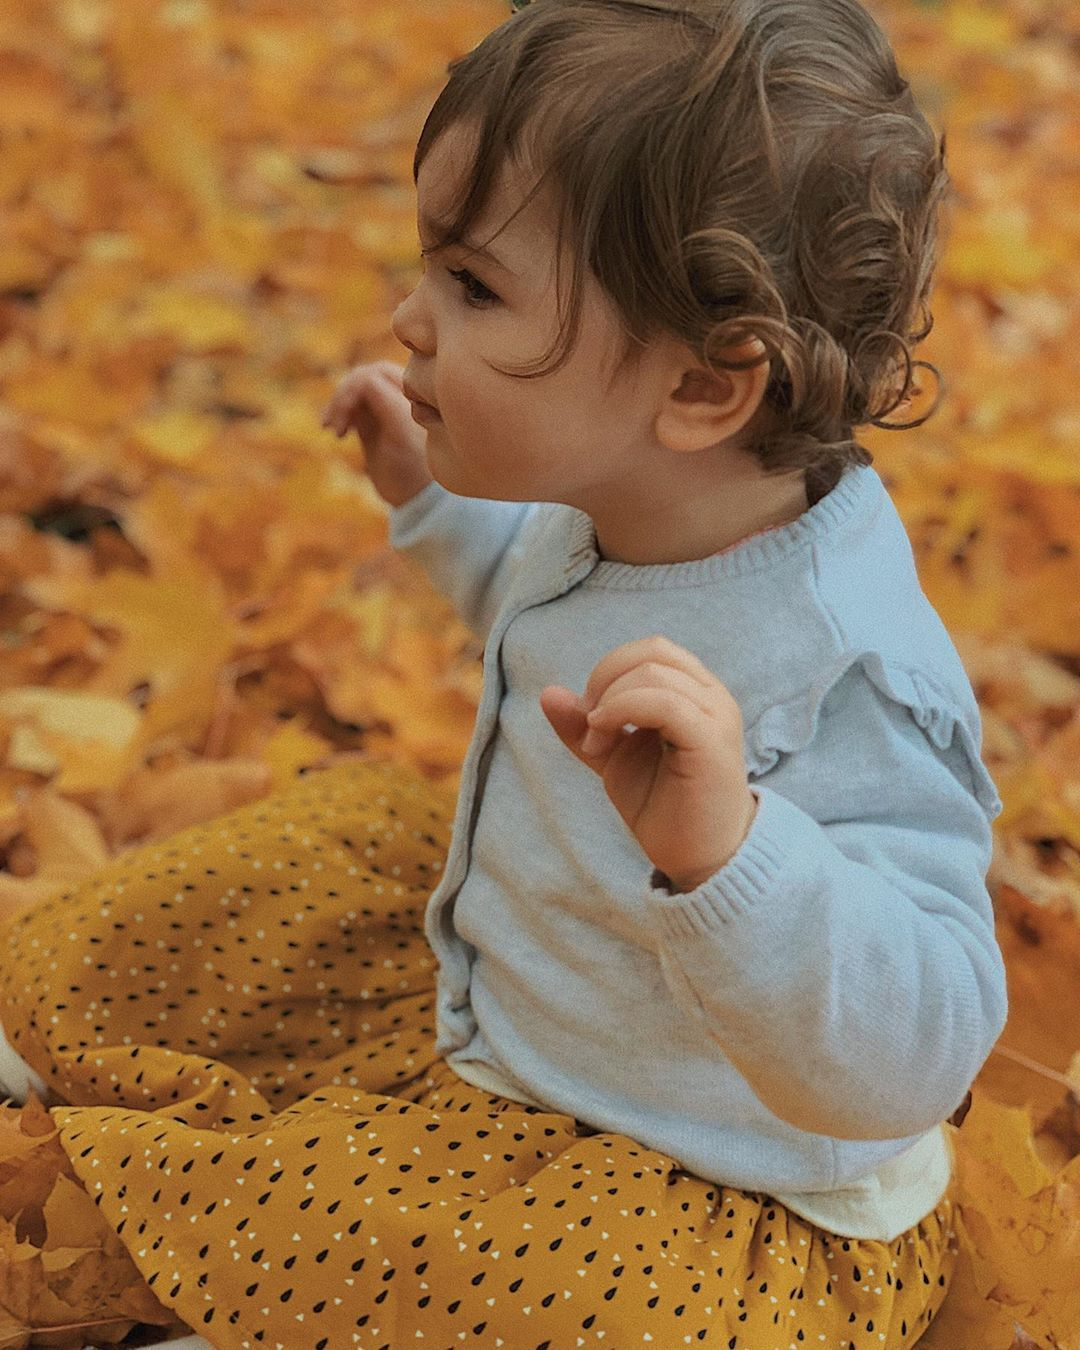 Petite fleur d été parmi les feuilles d automne